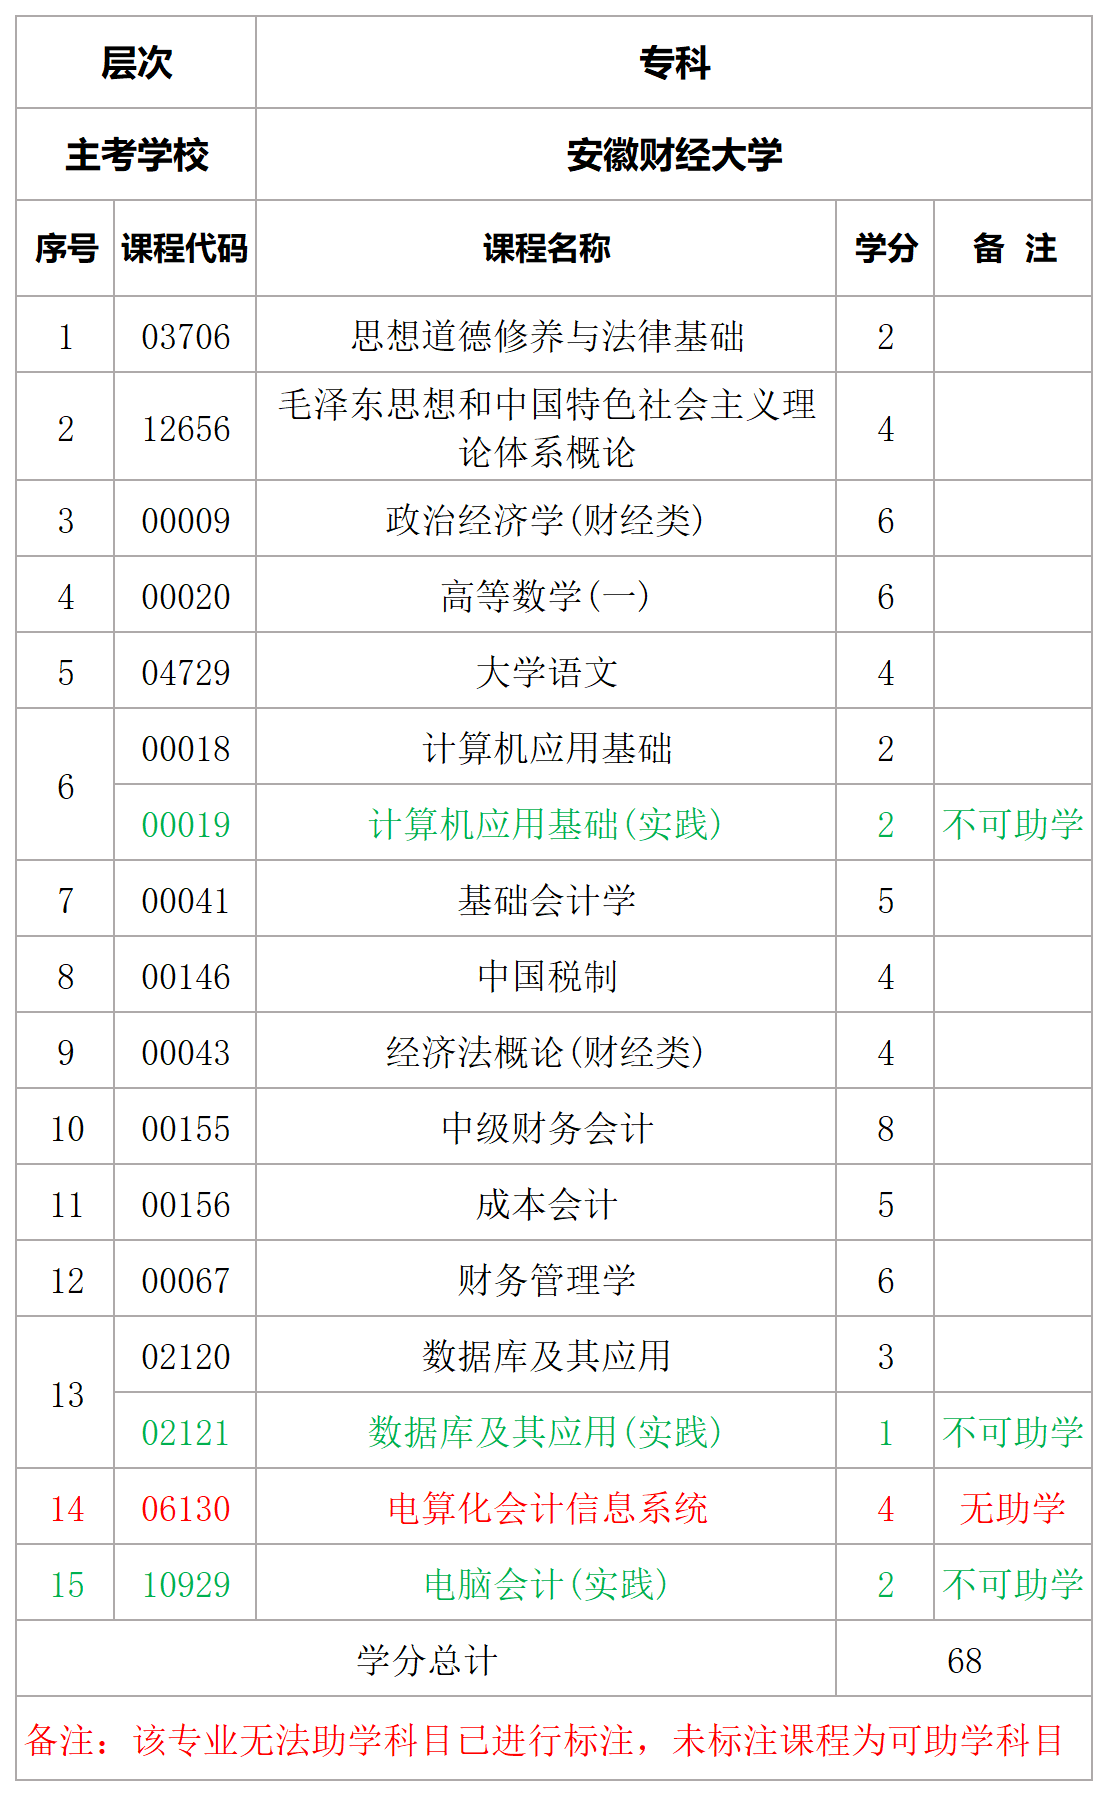 安徽财经大学会计电算化专科专业计划表